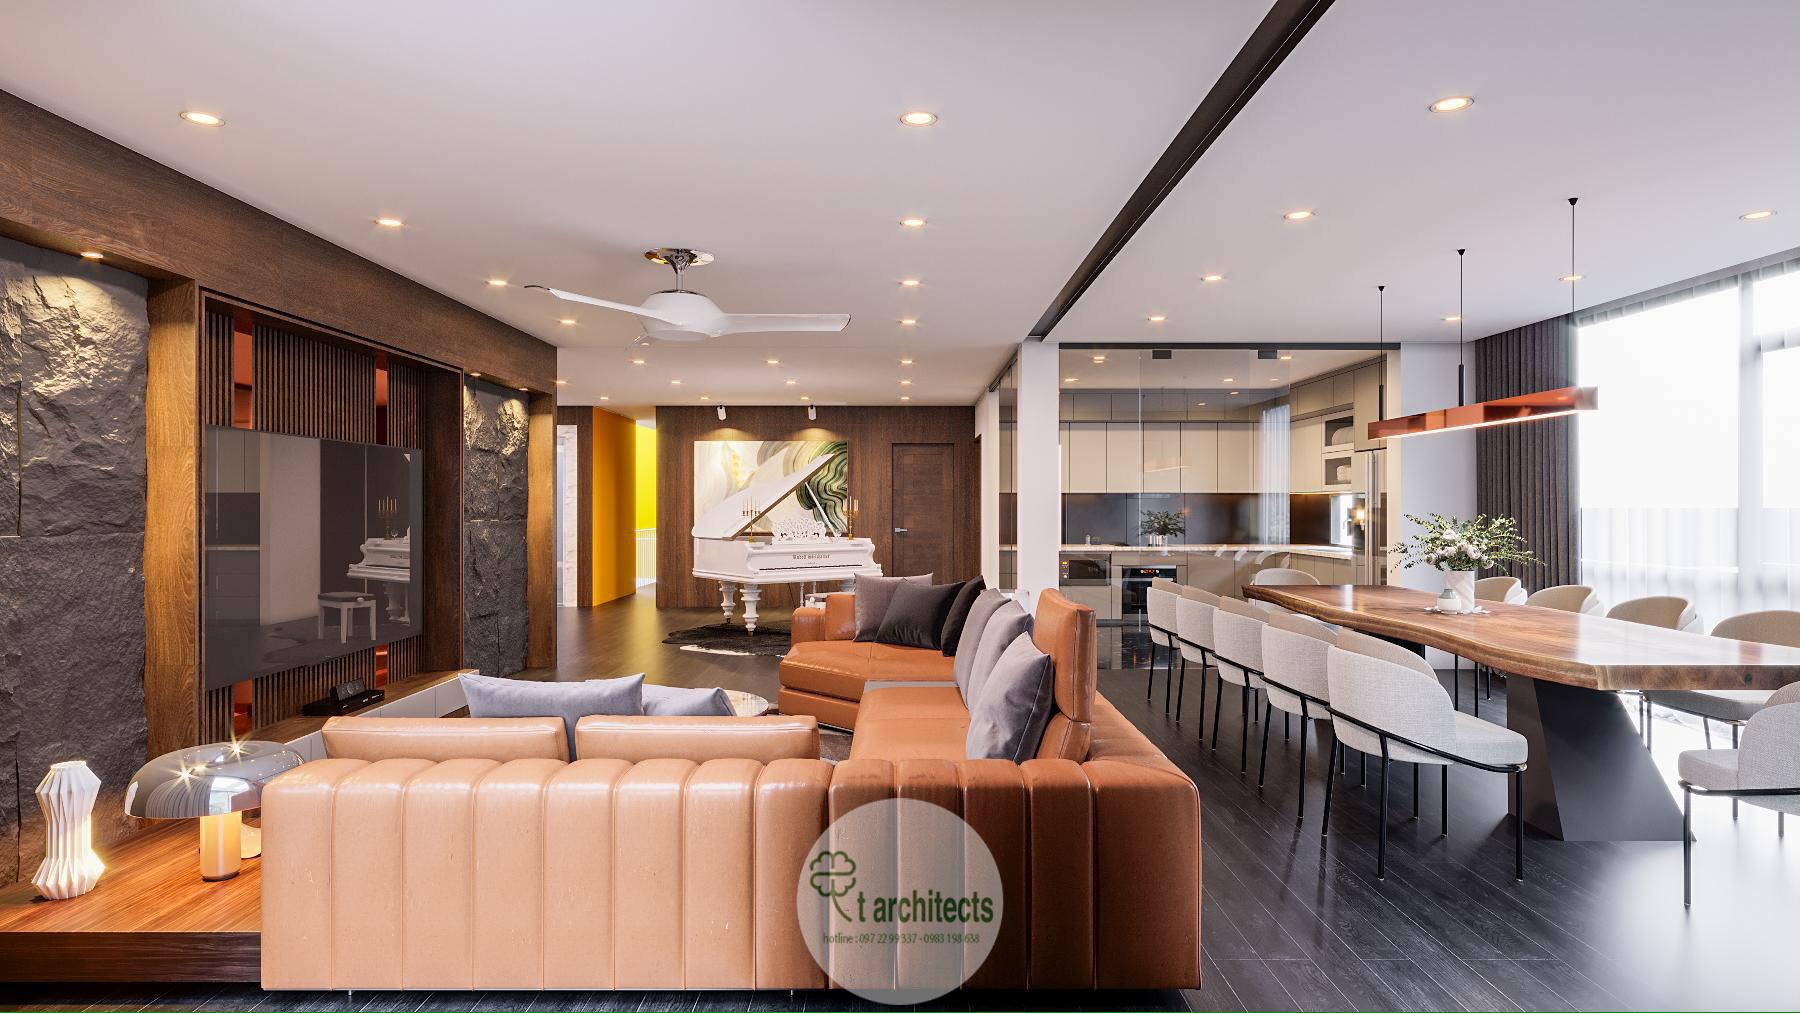 Thiết kế nội thất Chung Cư tại Thanh Hóa Nội thất tầng sinh hoạt của Học Viện Thẩm Mỹ Loan's Spa 1589764319 0